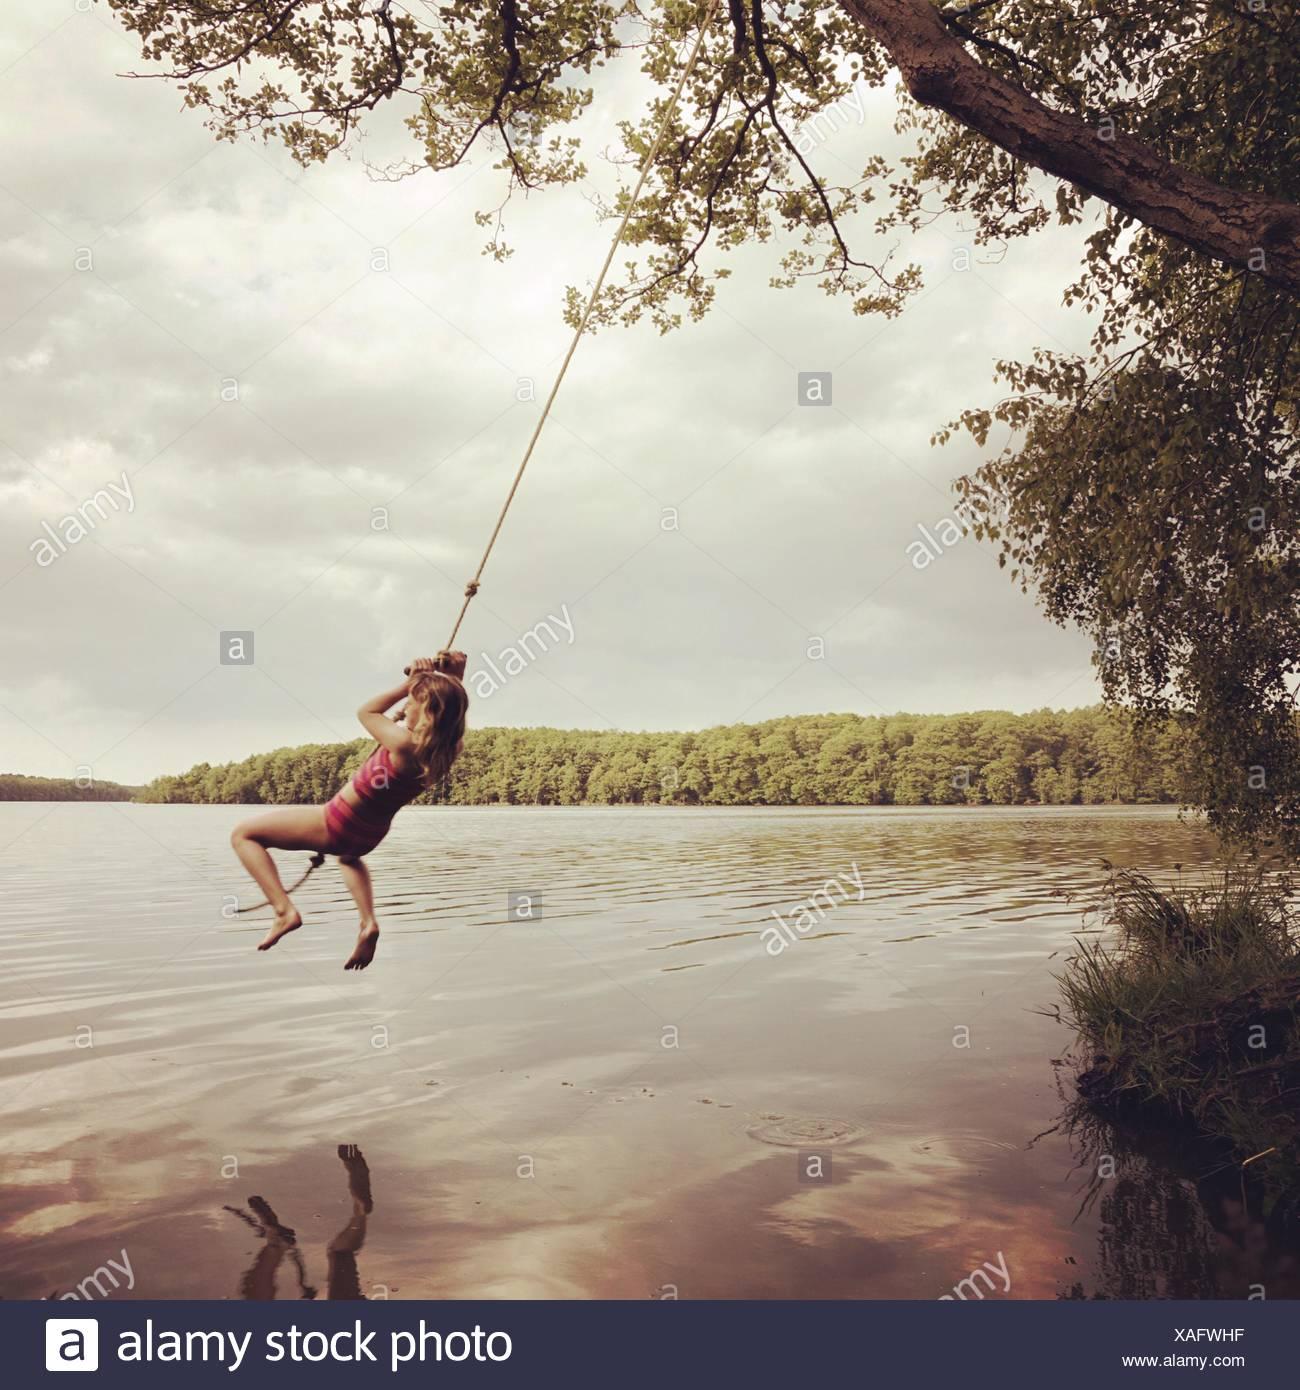 Girl Swinging Over Lake Against Sky - Stock Image